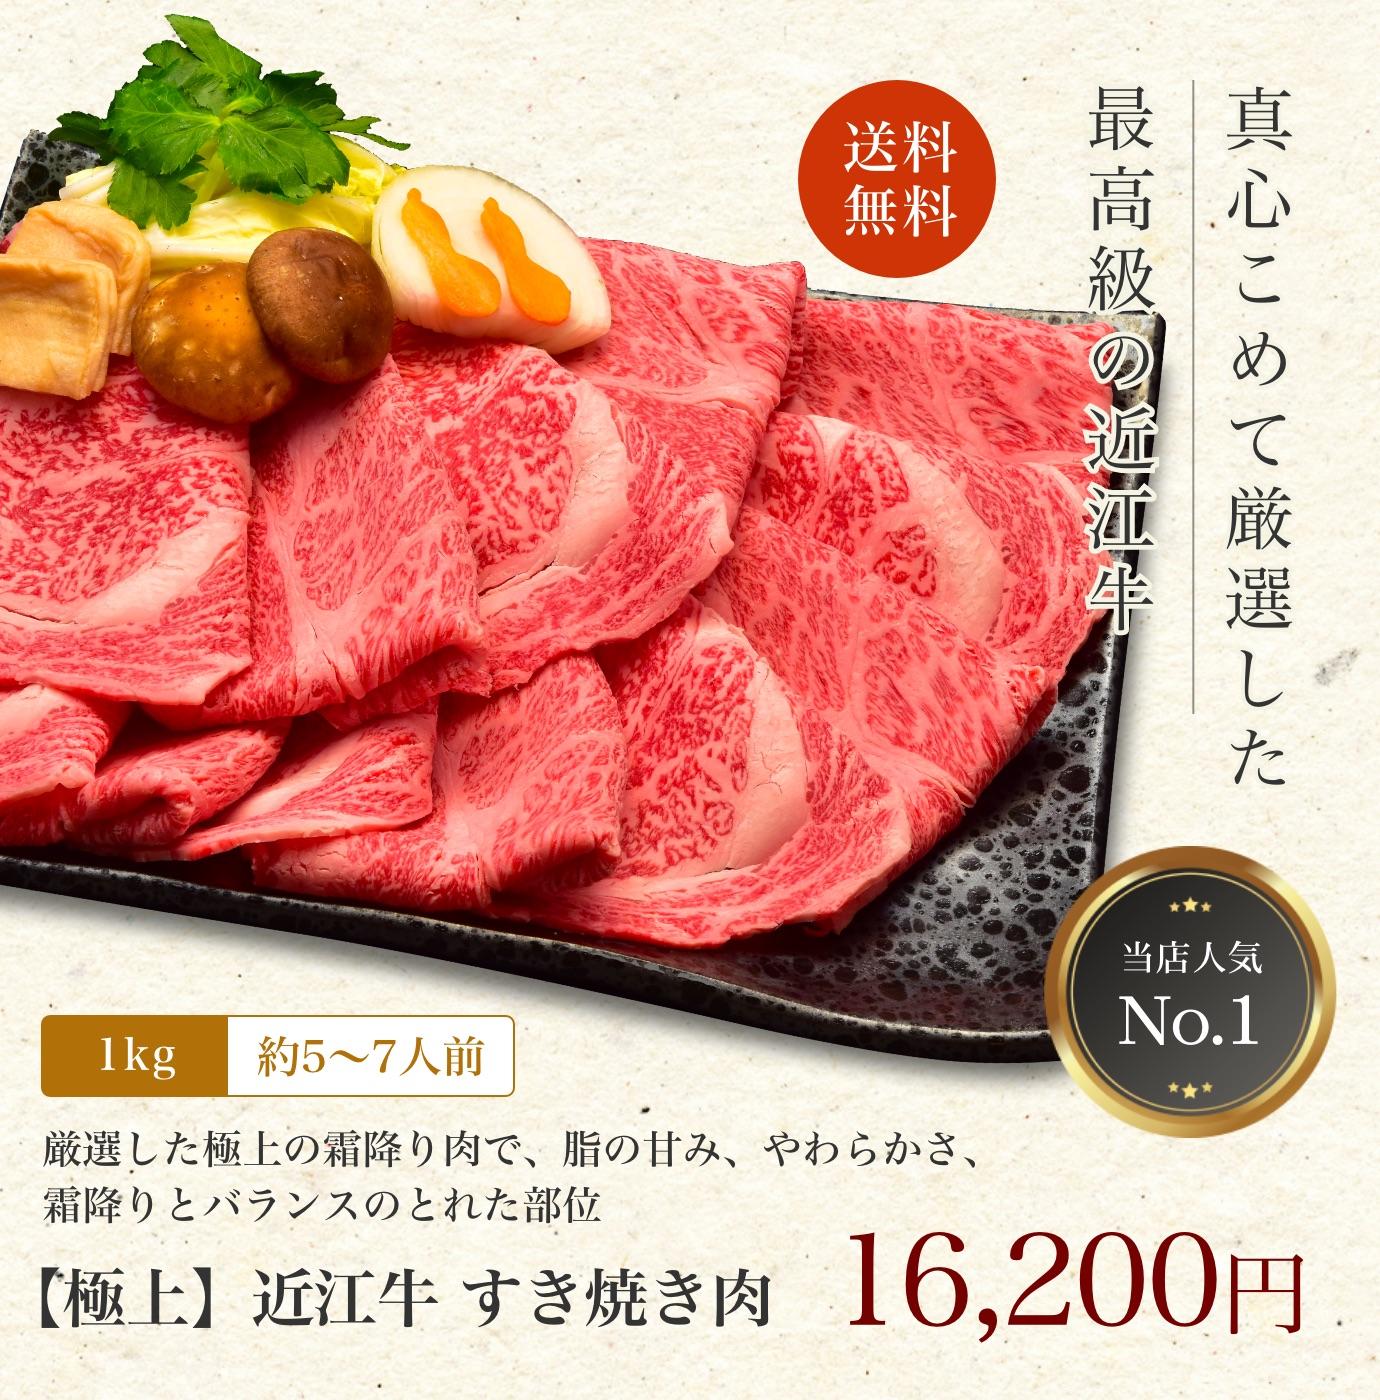 【極上】近江牛 すき焼き肉 1kg (約5〜7人前)